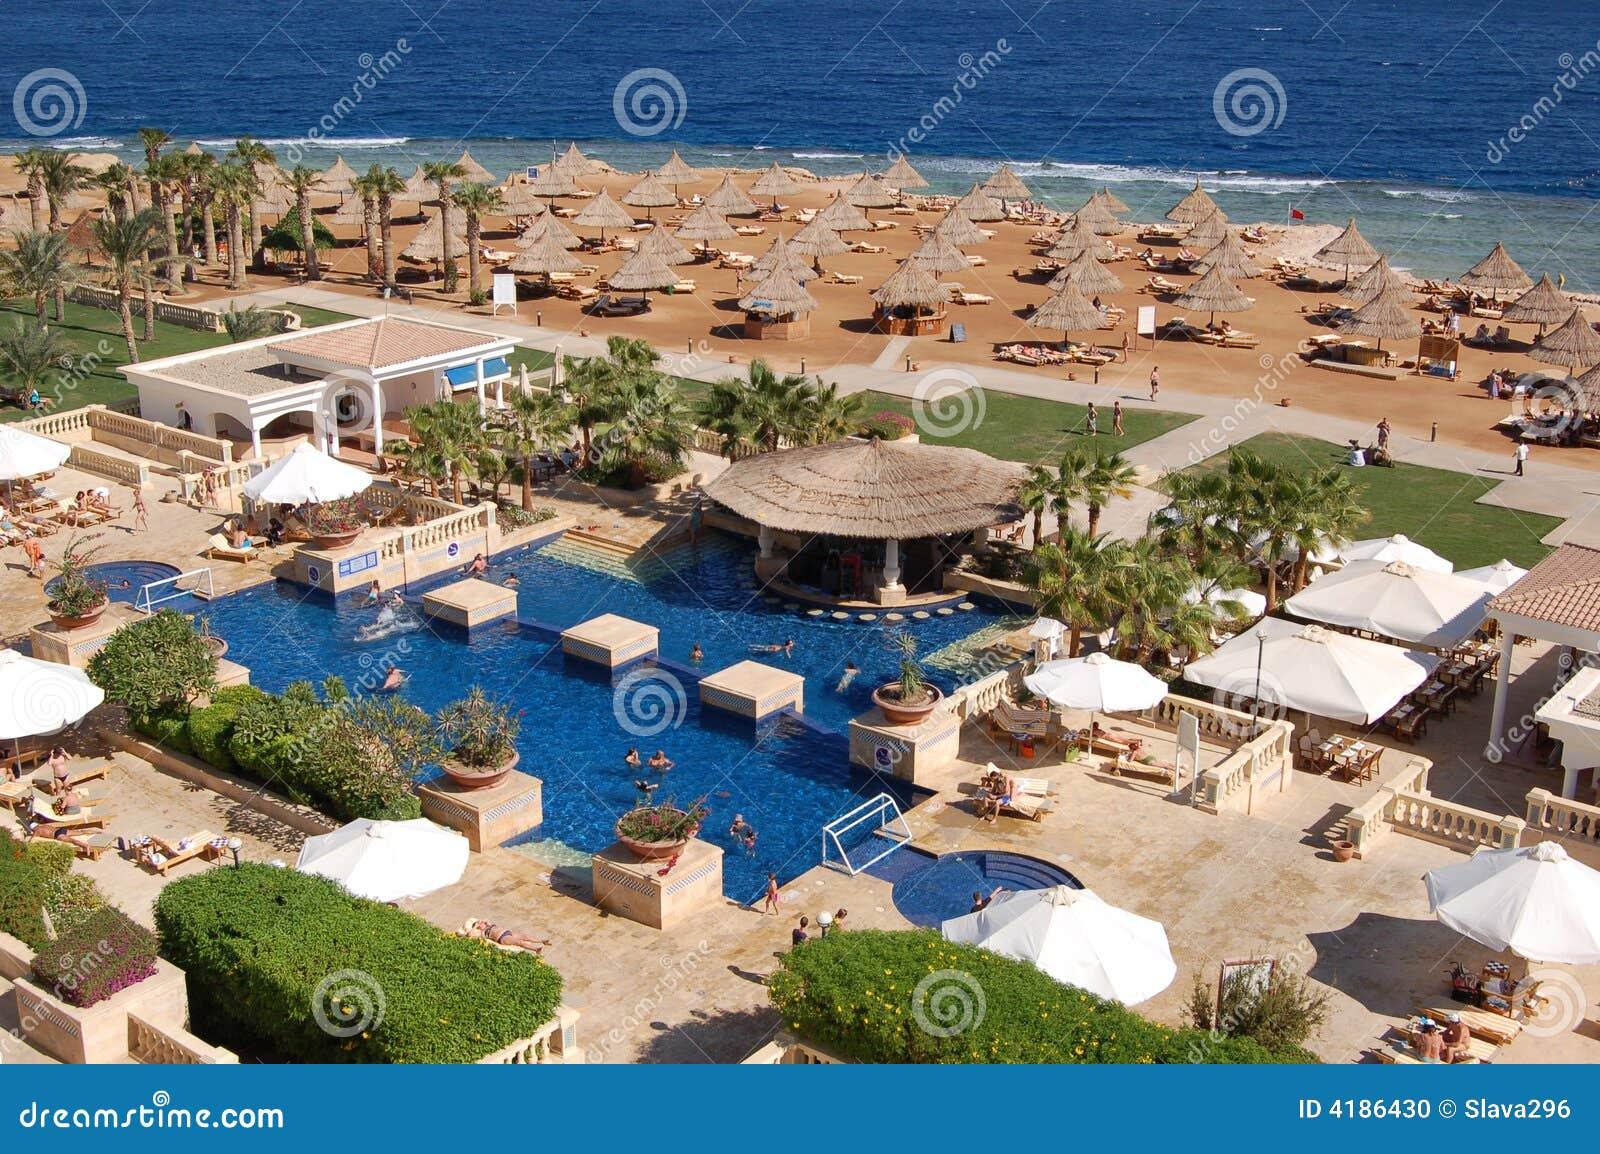 Piscina lussuosa e spiaggia fotografia stock immagine 4186430 - Business plan piscina ...